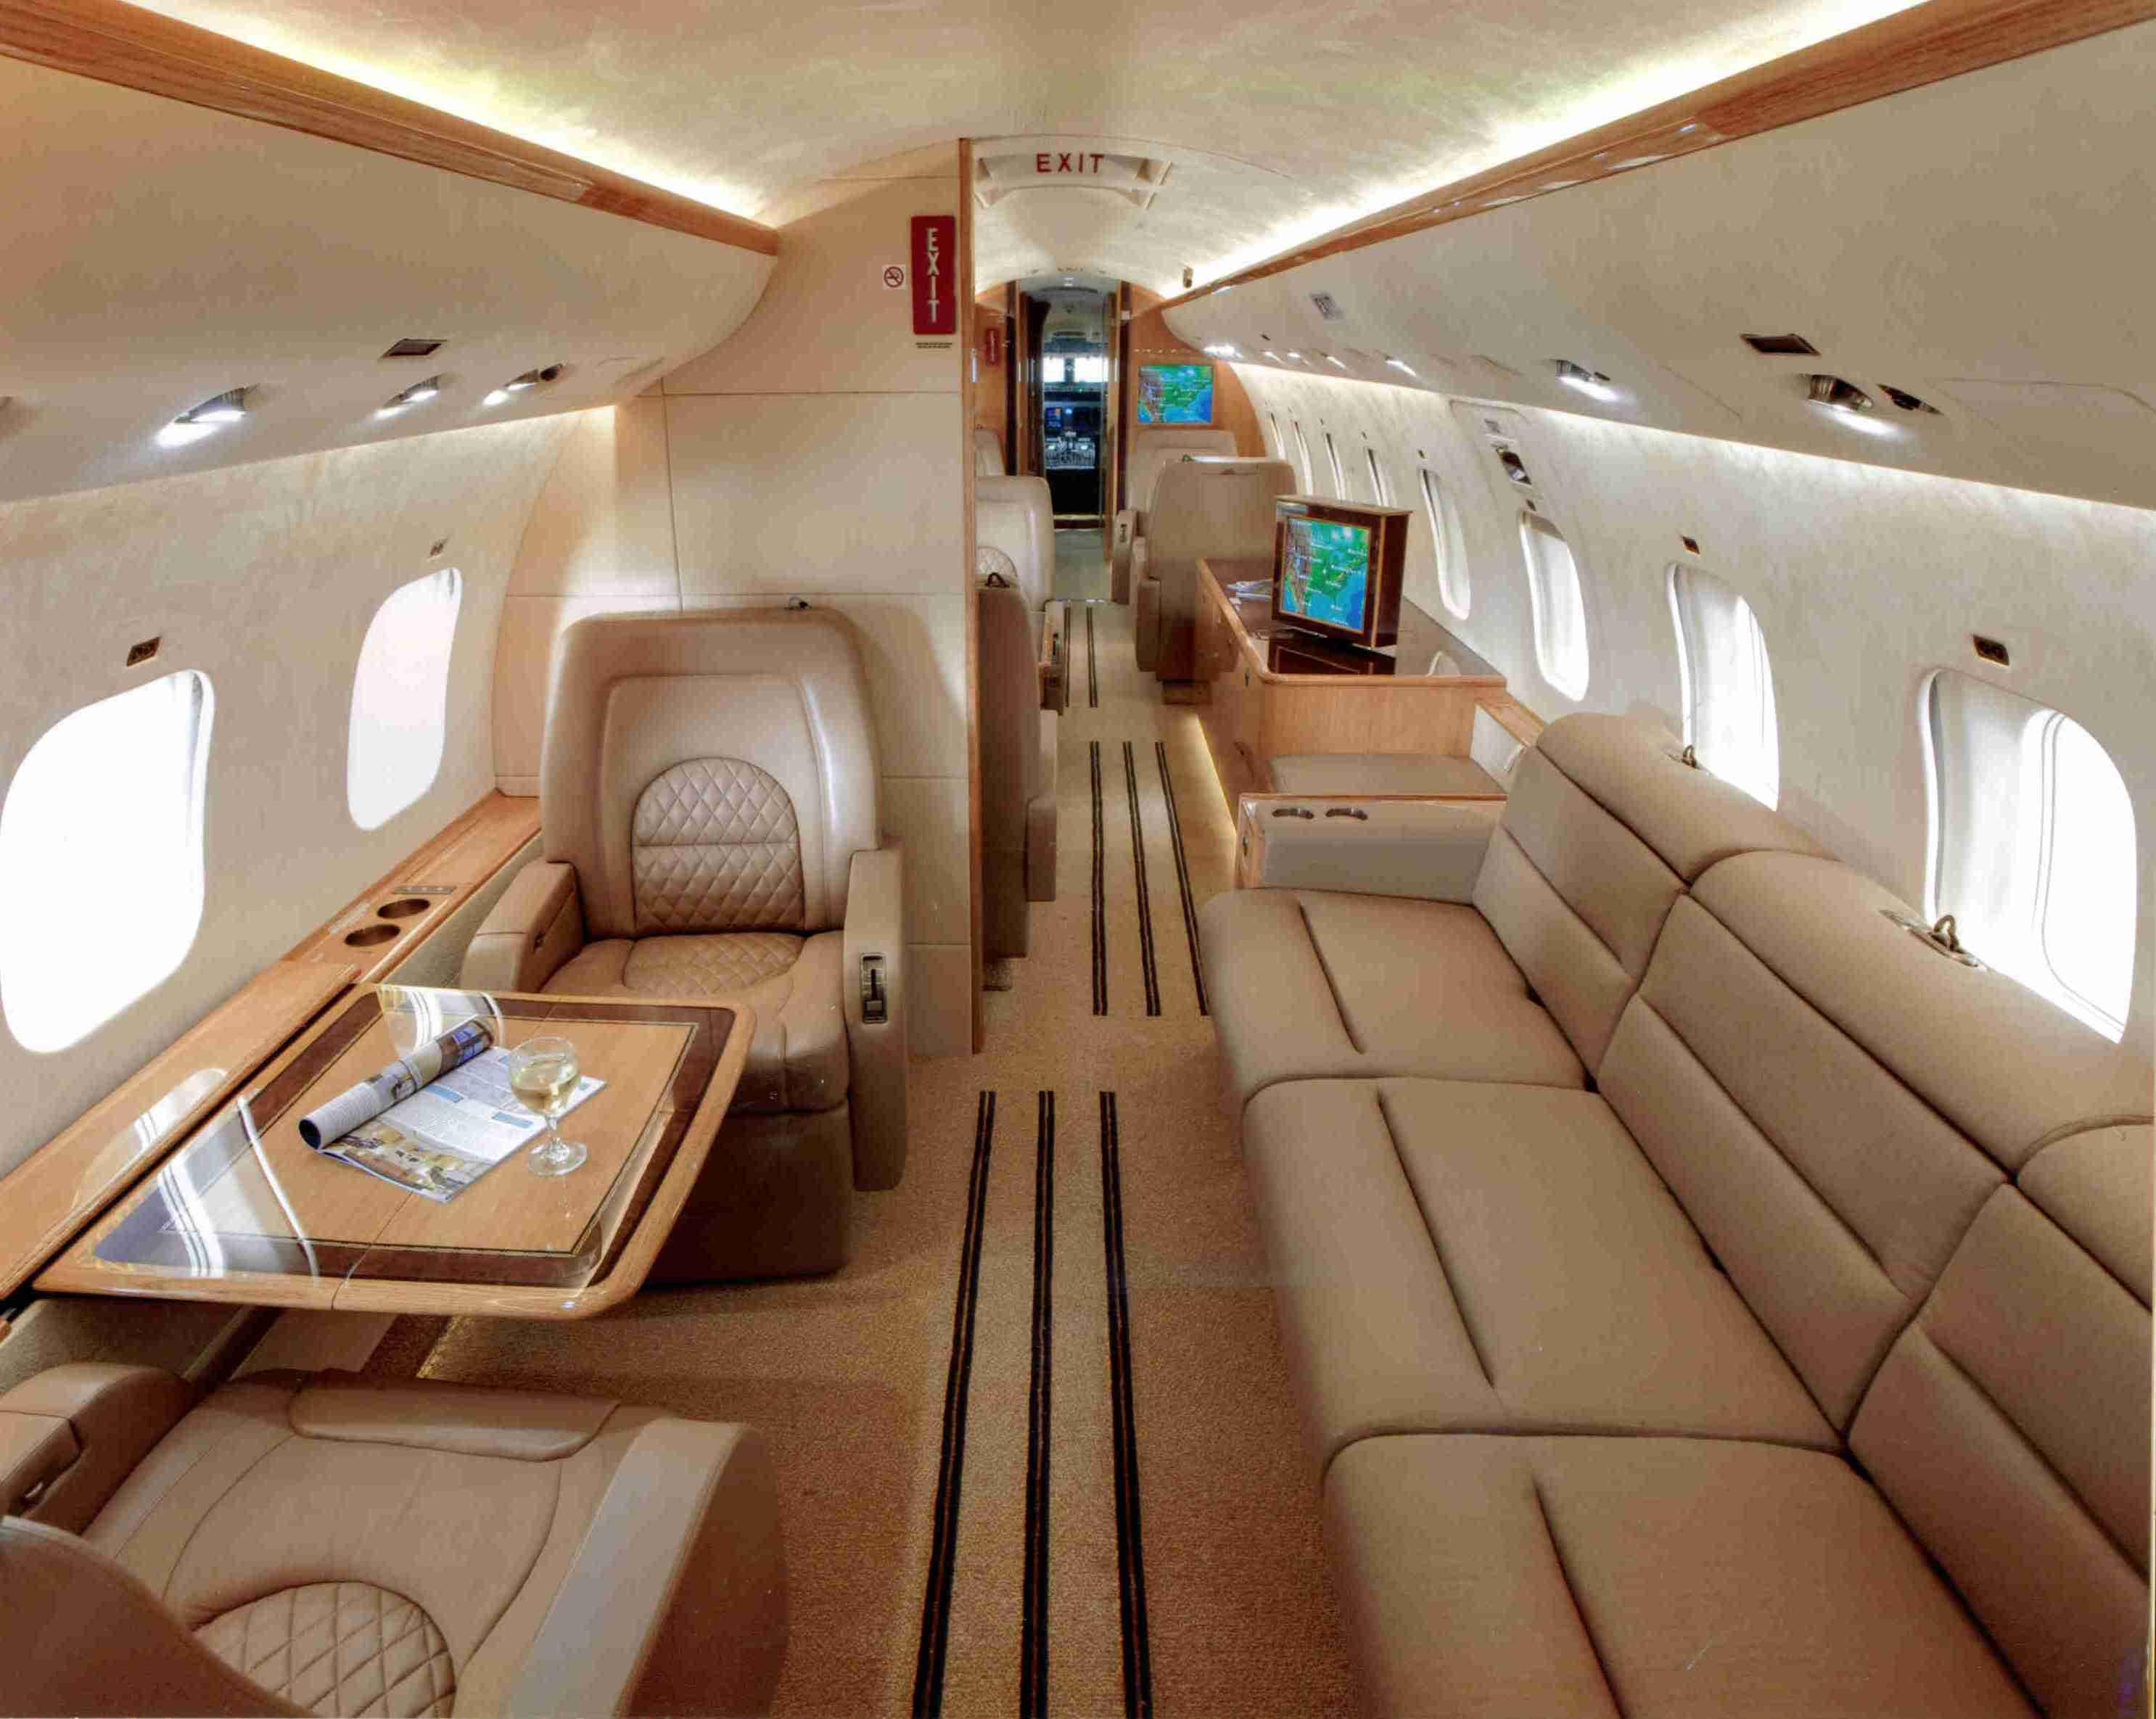 Zephyrjets 352af Global 5000 Forward Interior